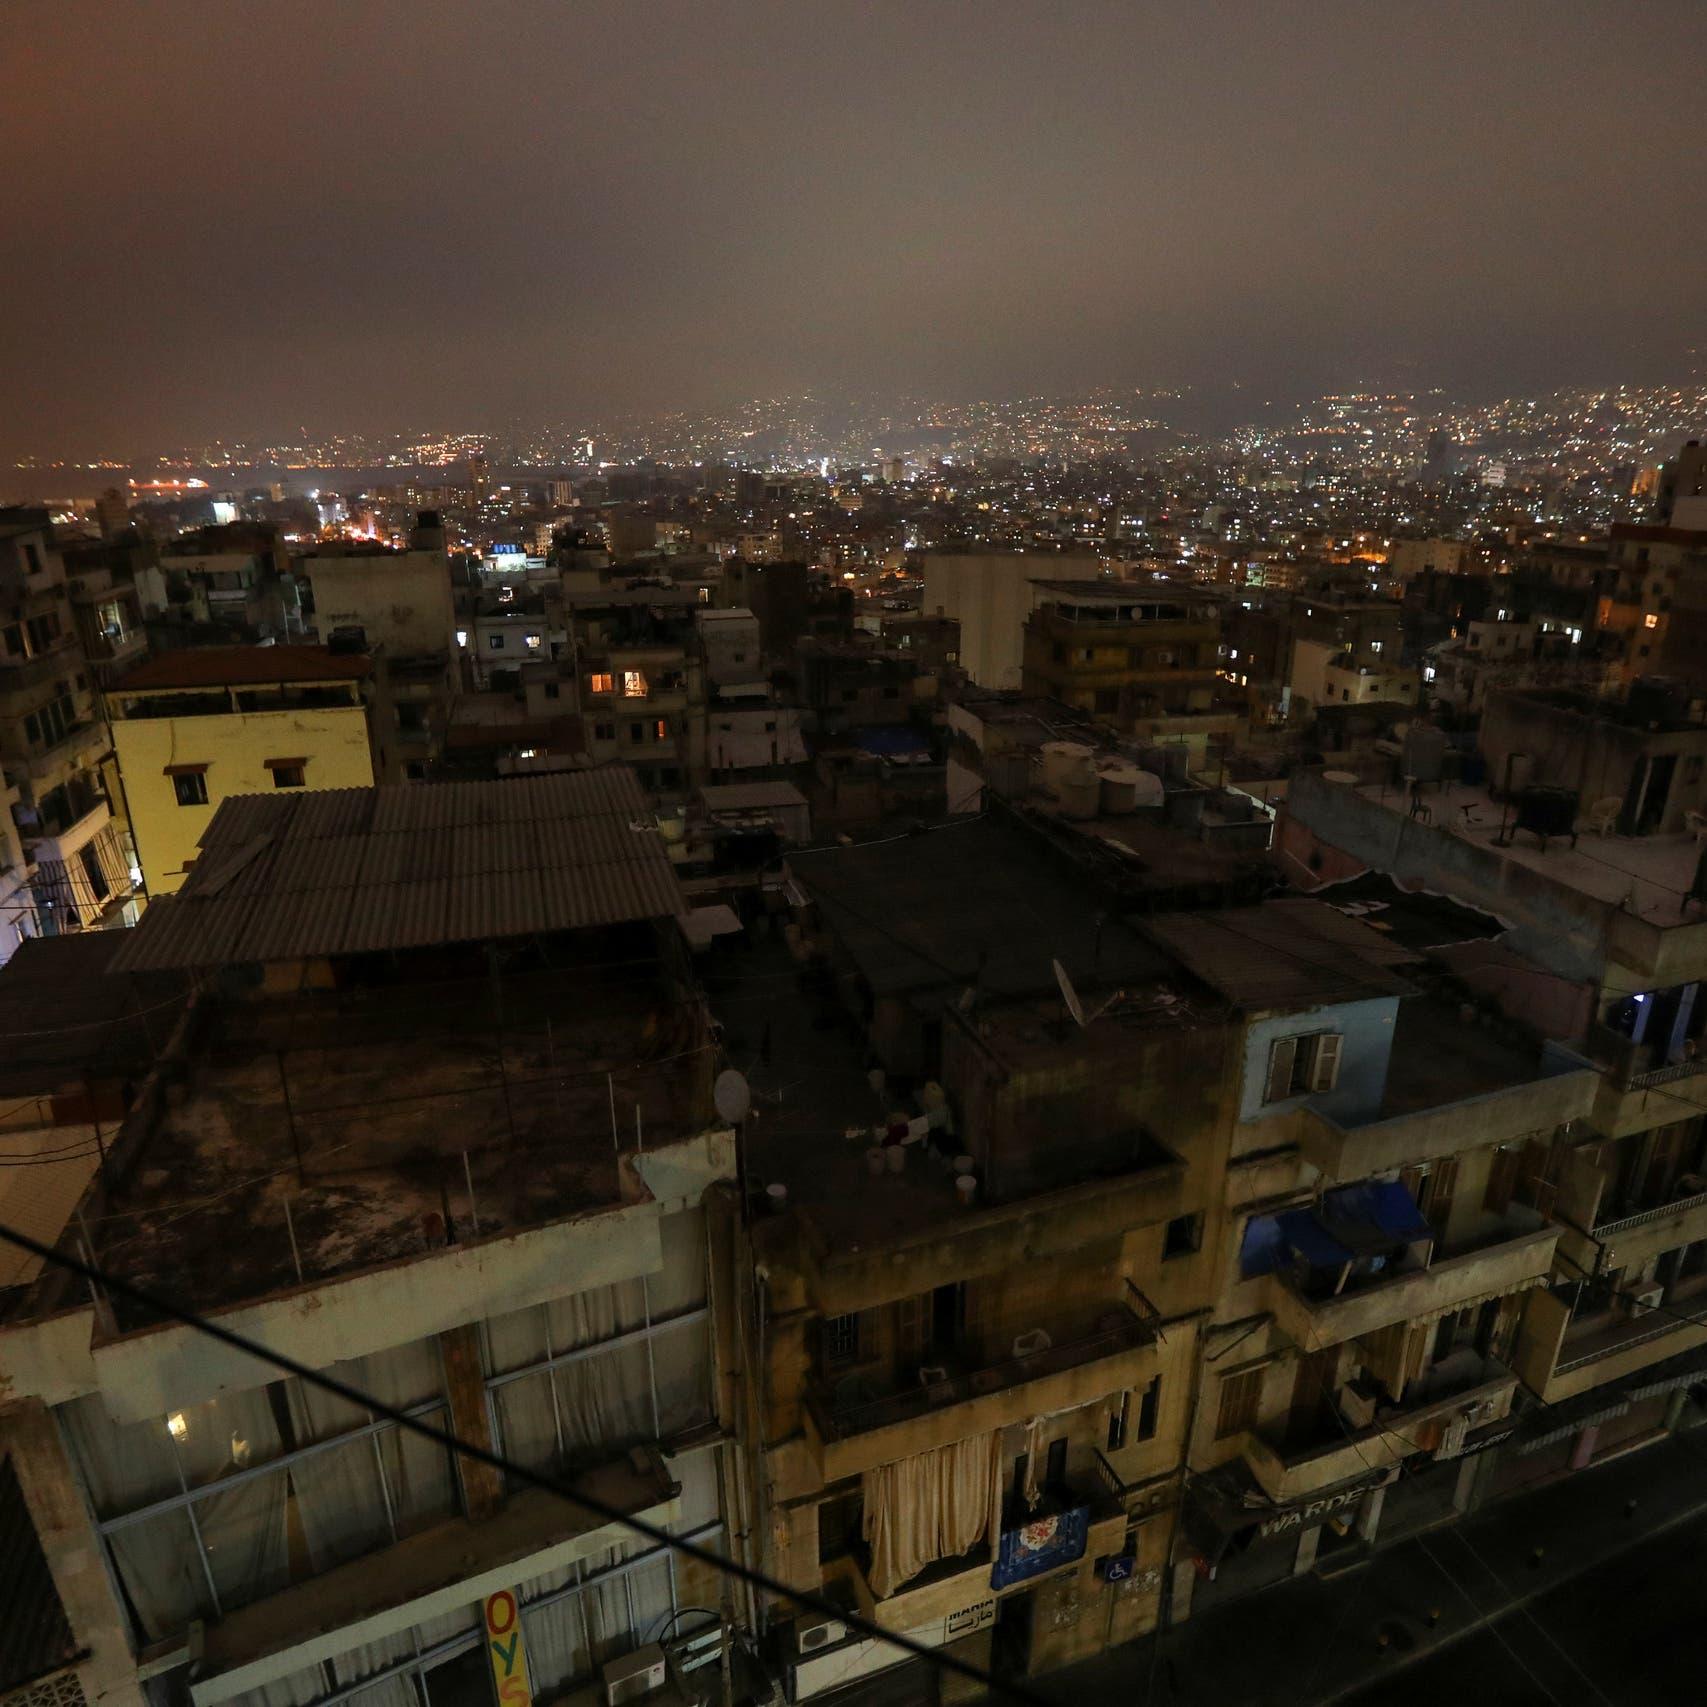 نيويورك تايمز: شموخ لبنان ينهار والناس تقايض الملابس بالطعام